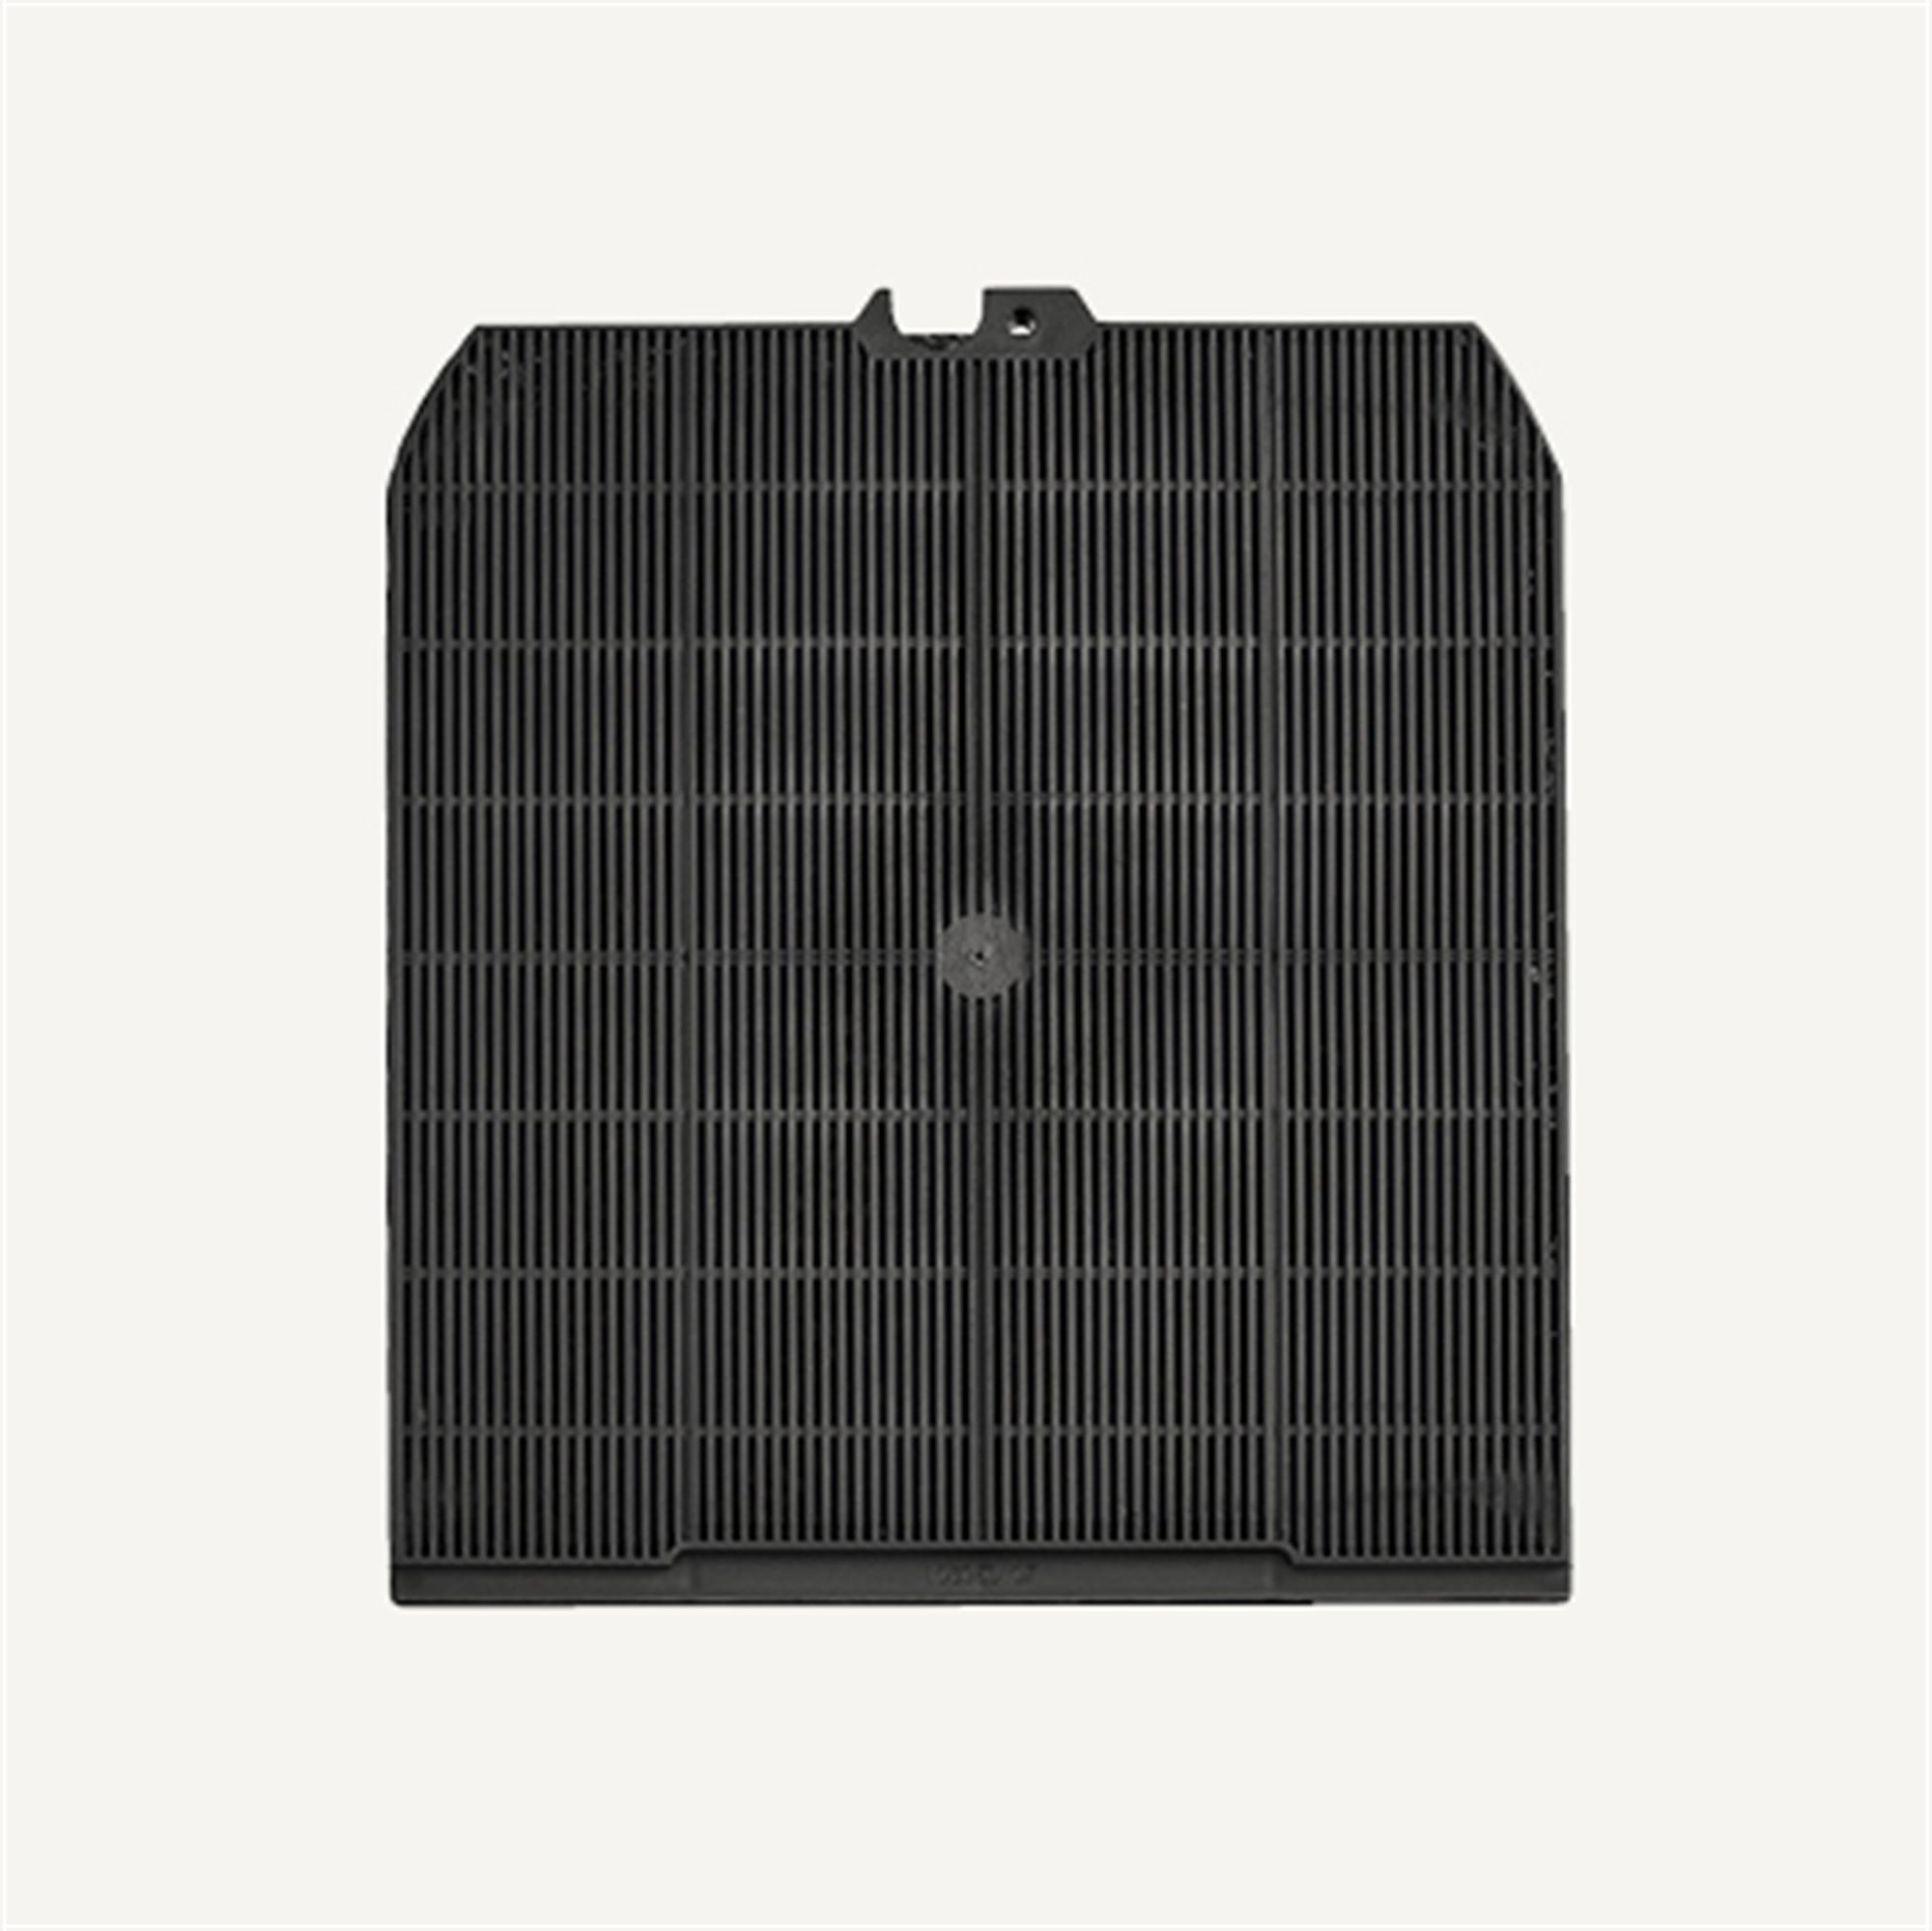 Immagine di Filtro carbone rettangolare tipo 3